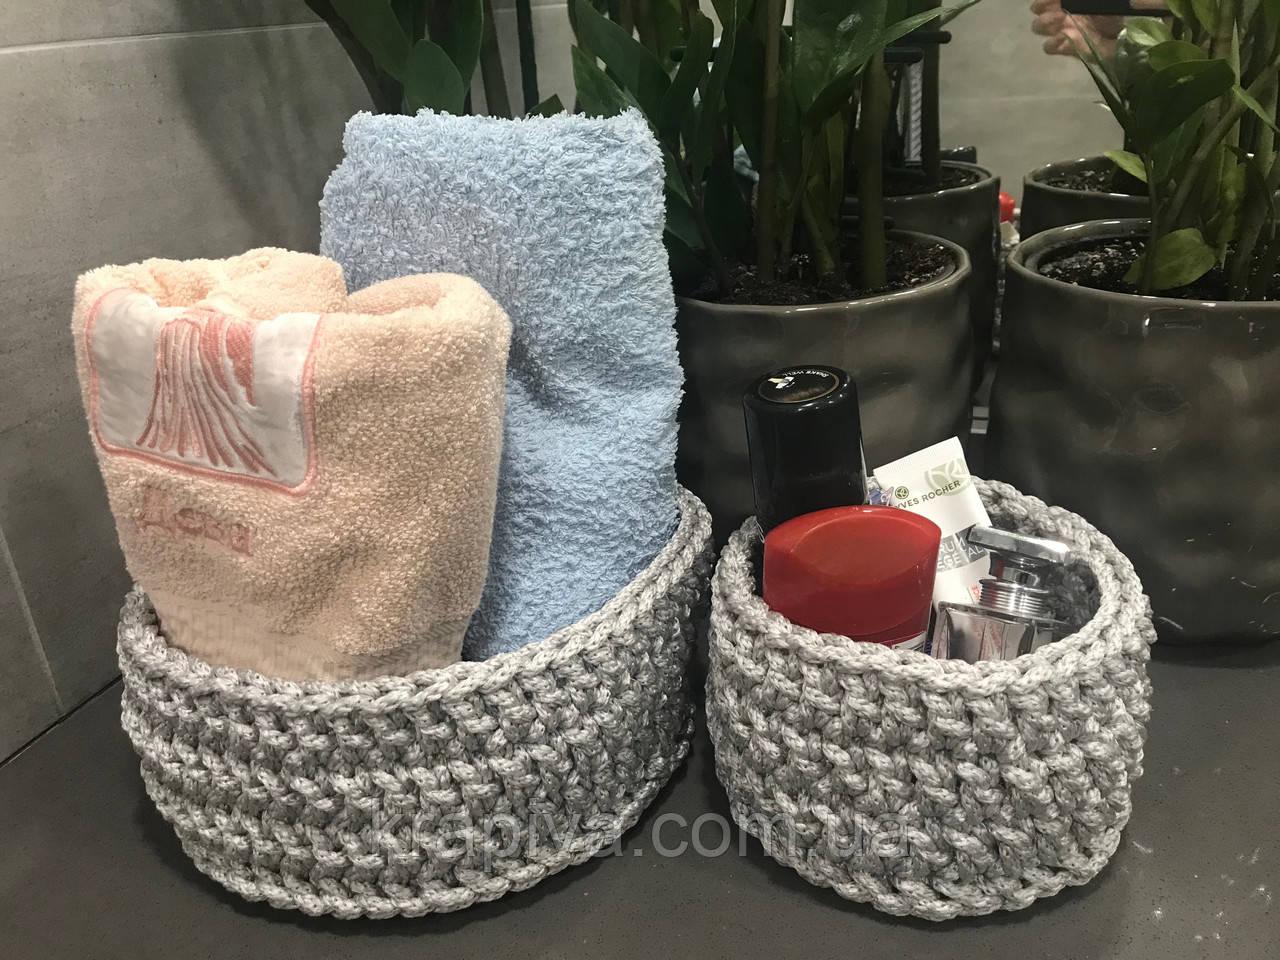 Набор декоративных корзин для дома и интерьера, ВЛАГОСТОЙКИЕ, корзины, кашпо